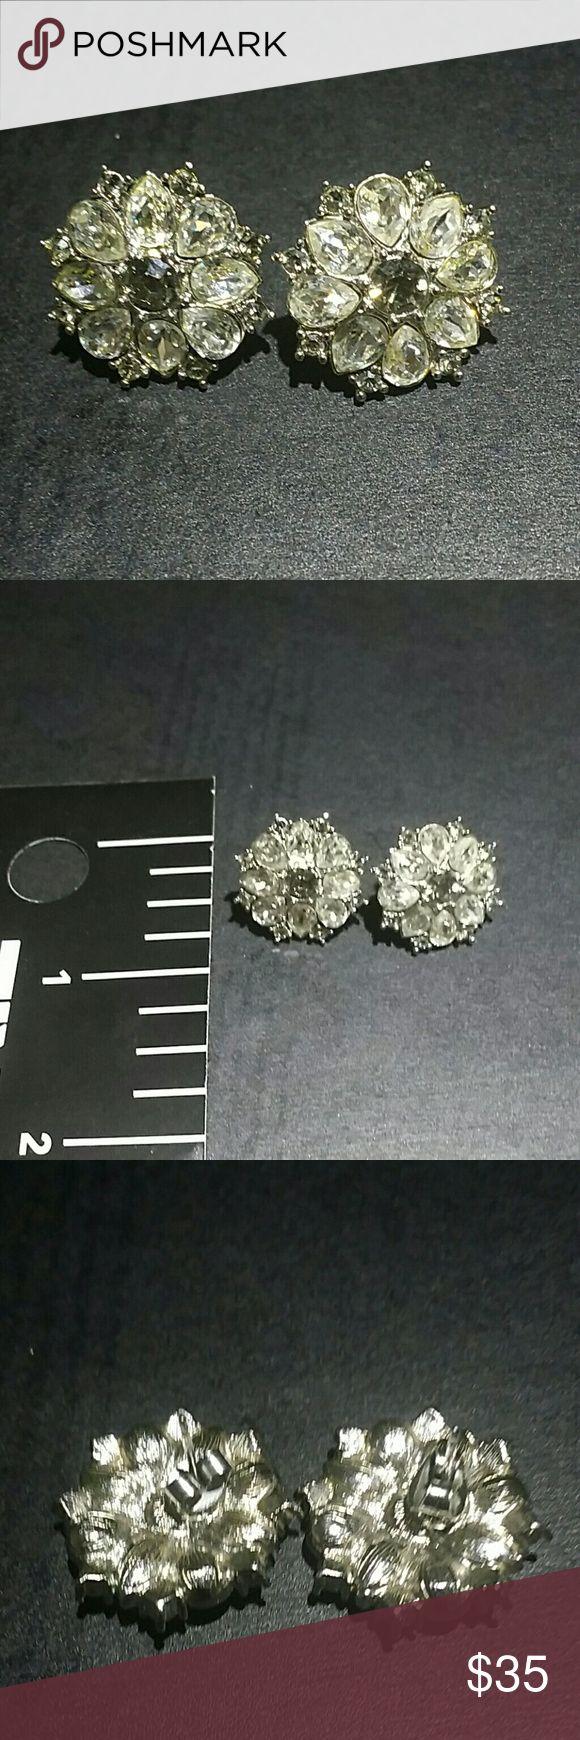 Monet earrings Like new sparkling Cristal earrings Monet Jewelry